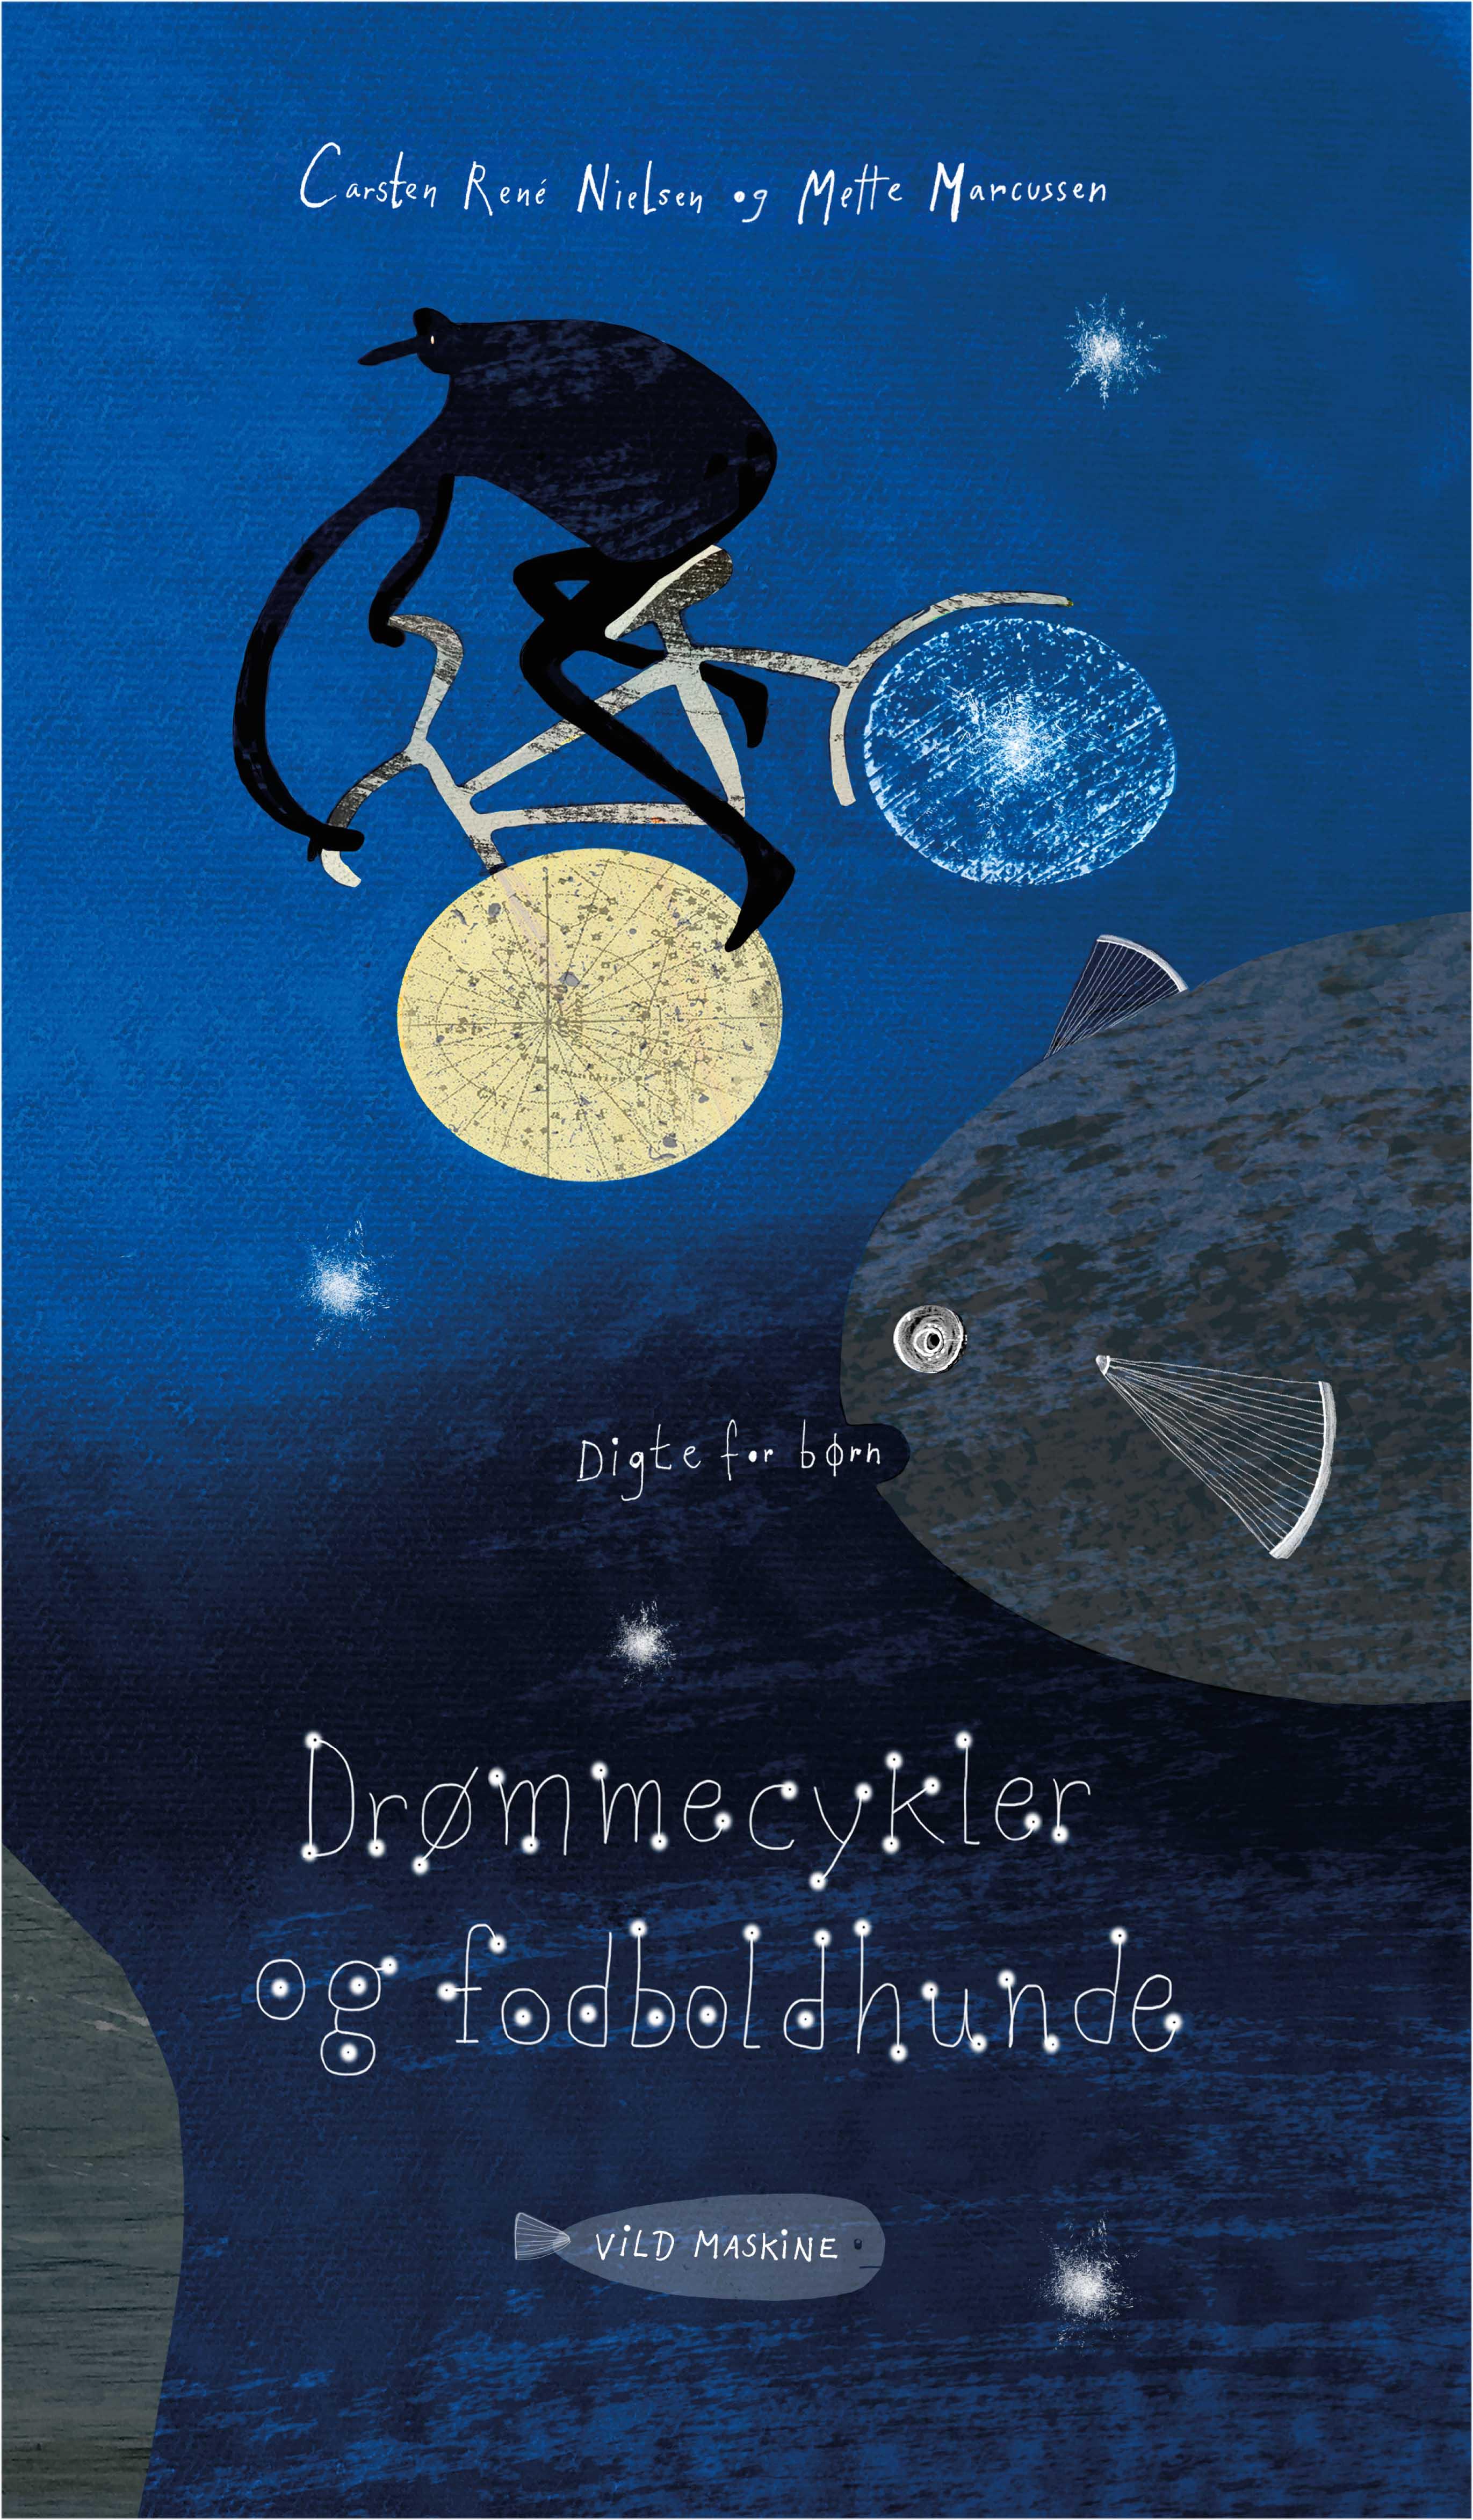 """""""Drømmecykler og fodboldhunde"""", digte for børn af Carsten René Nielsen, illustreret af Mette Marcussen. Udgivelsesdato: 6. december."""